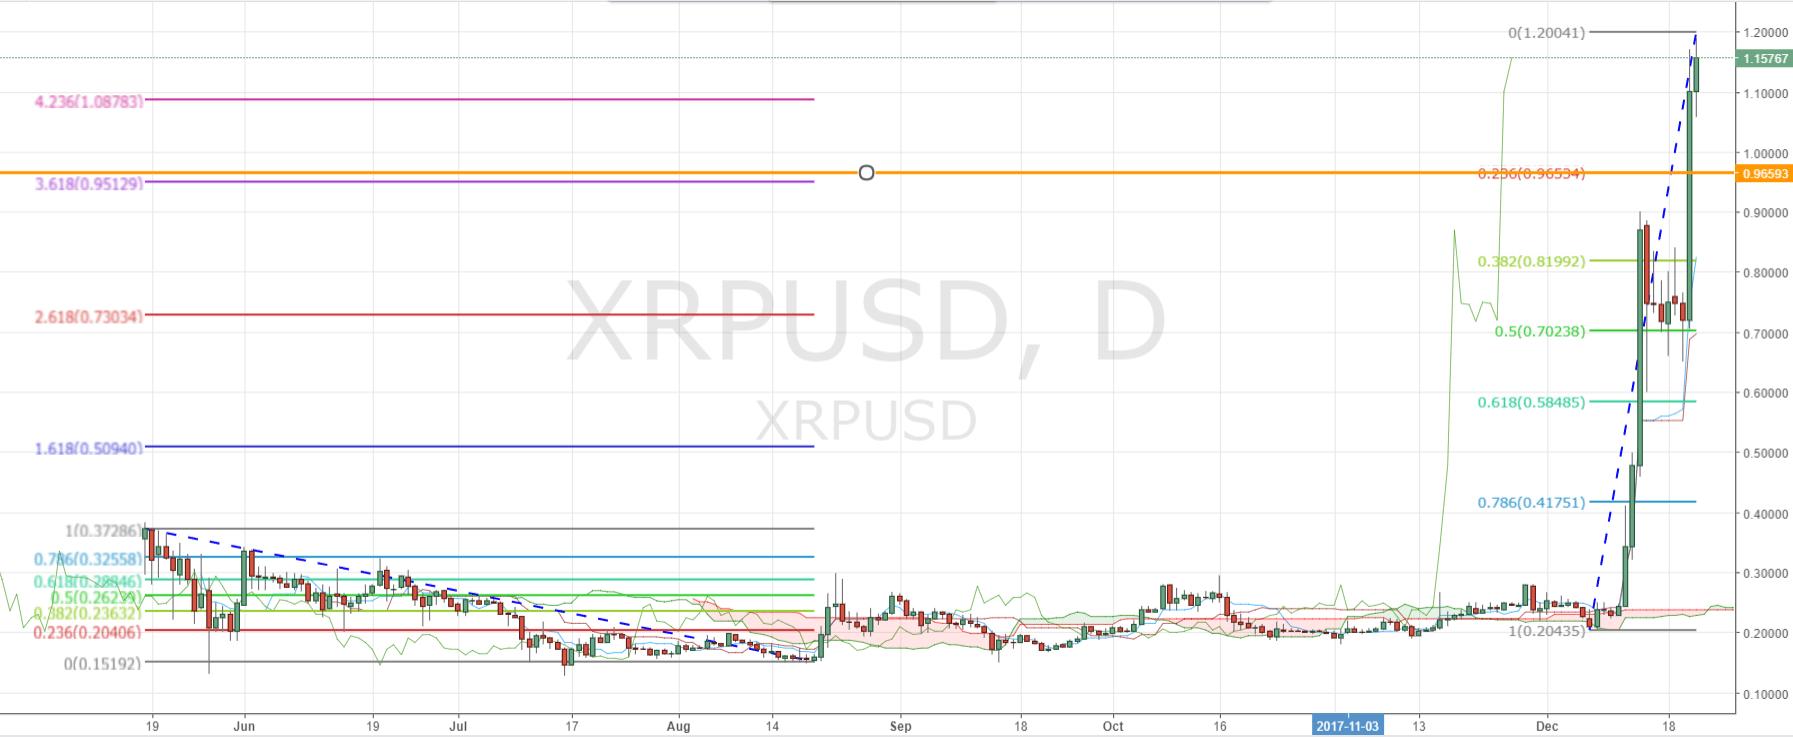 Ripple XRP Daily Chart - Fibonacci